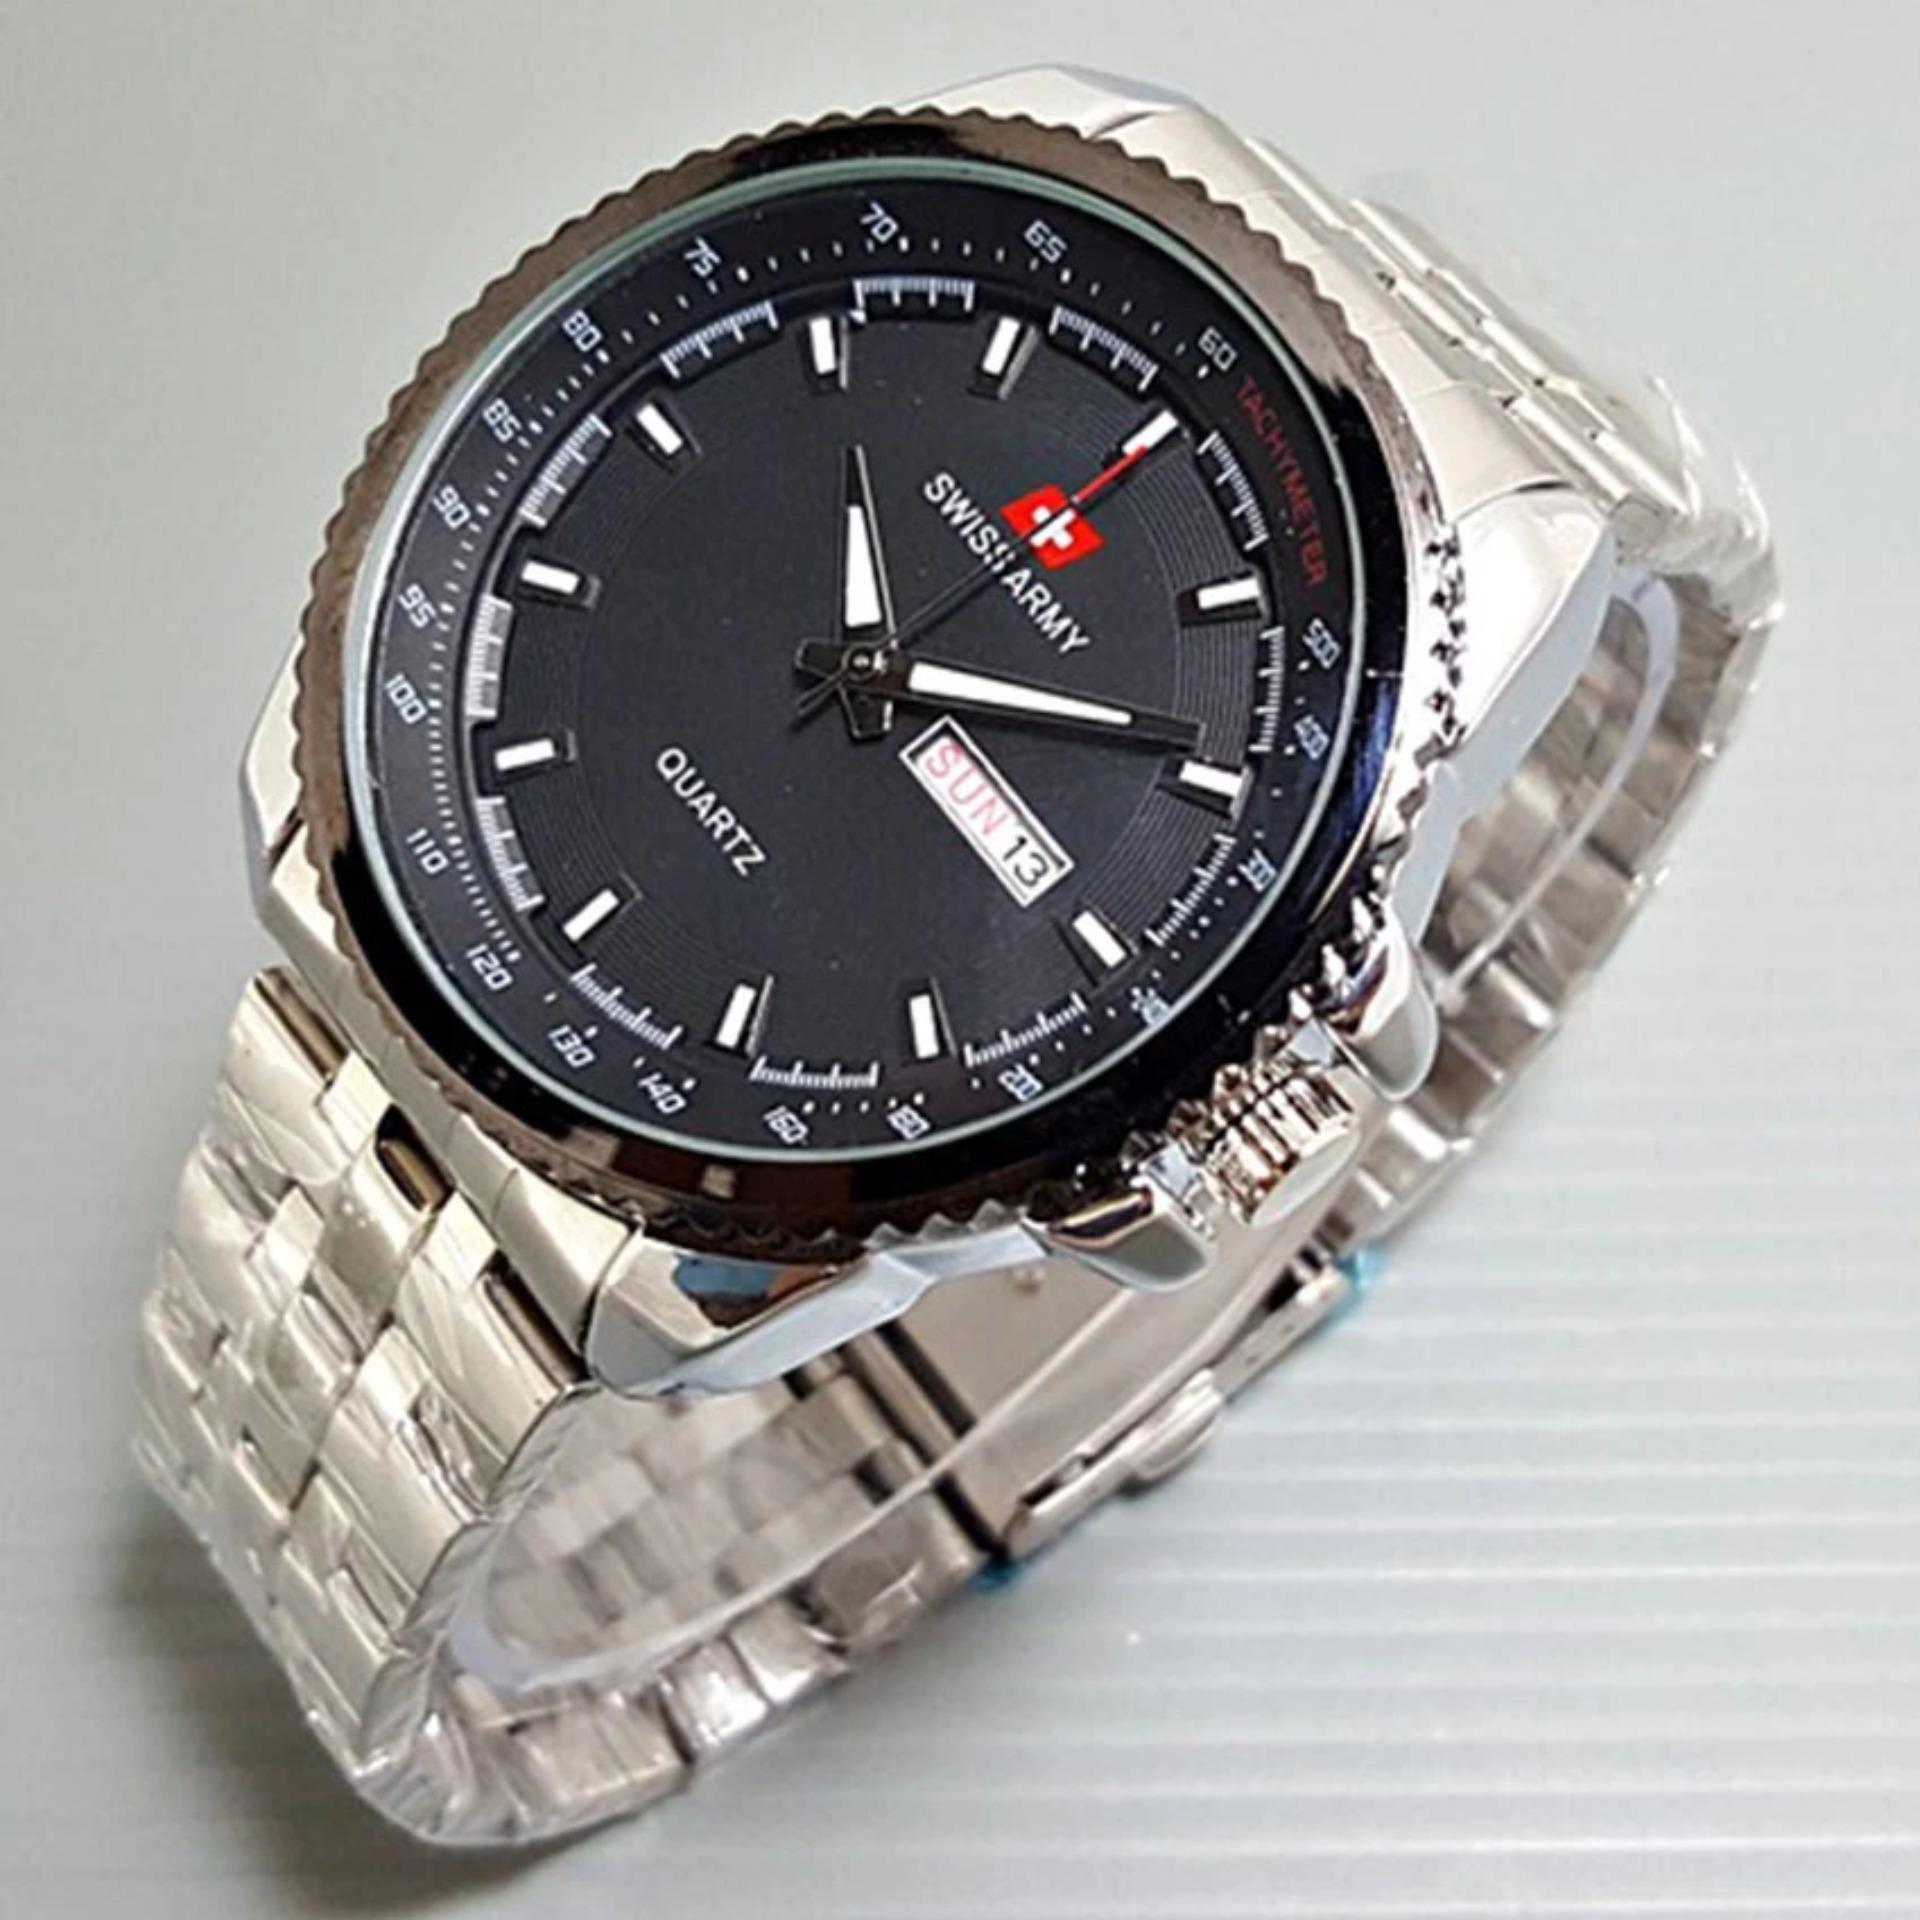 Spesifikasi Swiss Army Jam Tangan Pria Silver Strap Stainless Sa2924 Beserta Harganya